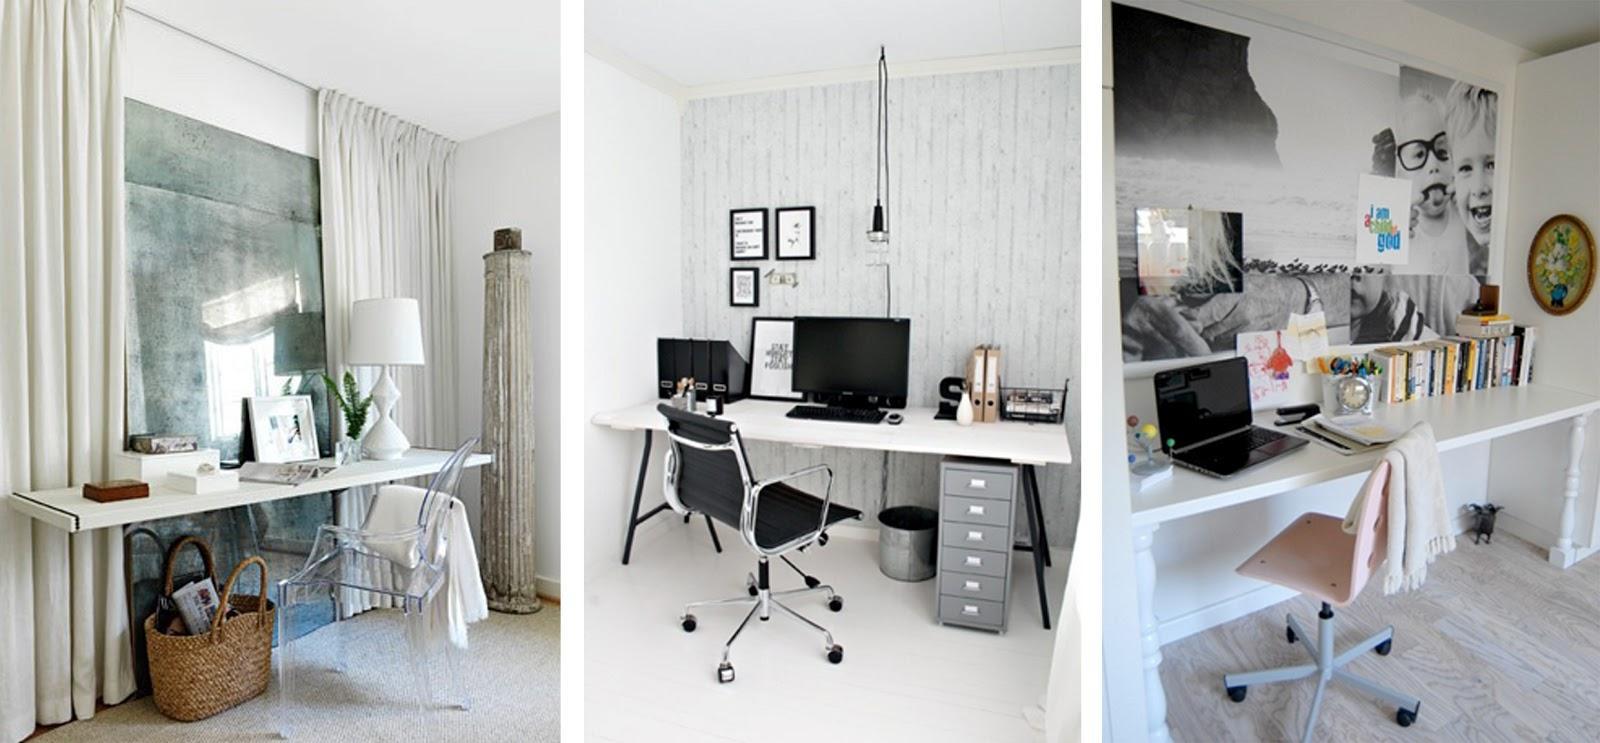 Un espacio de trabajo en casa paperblog - Decorar despacho pequeno ...